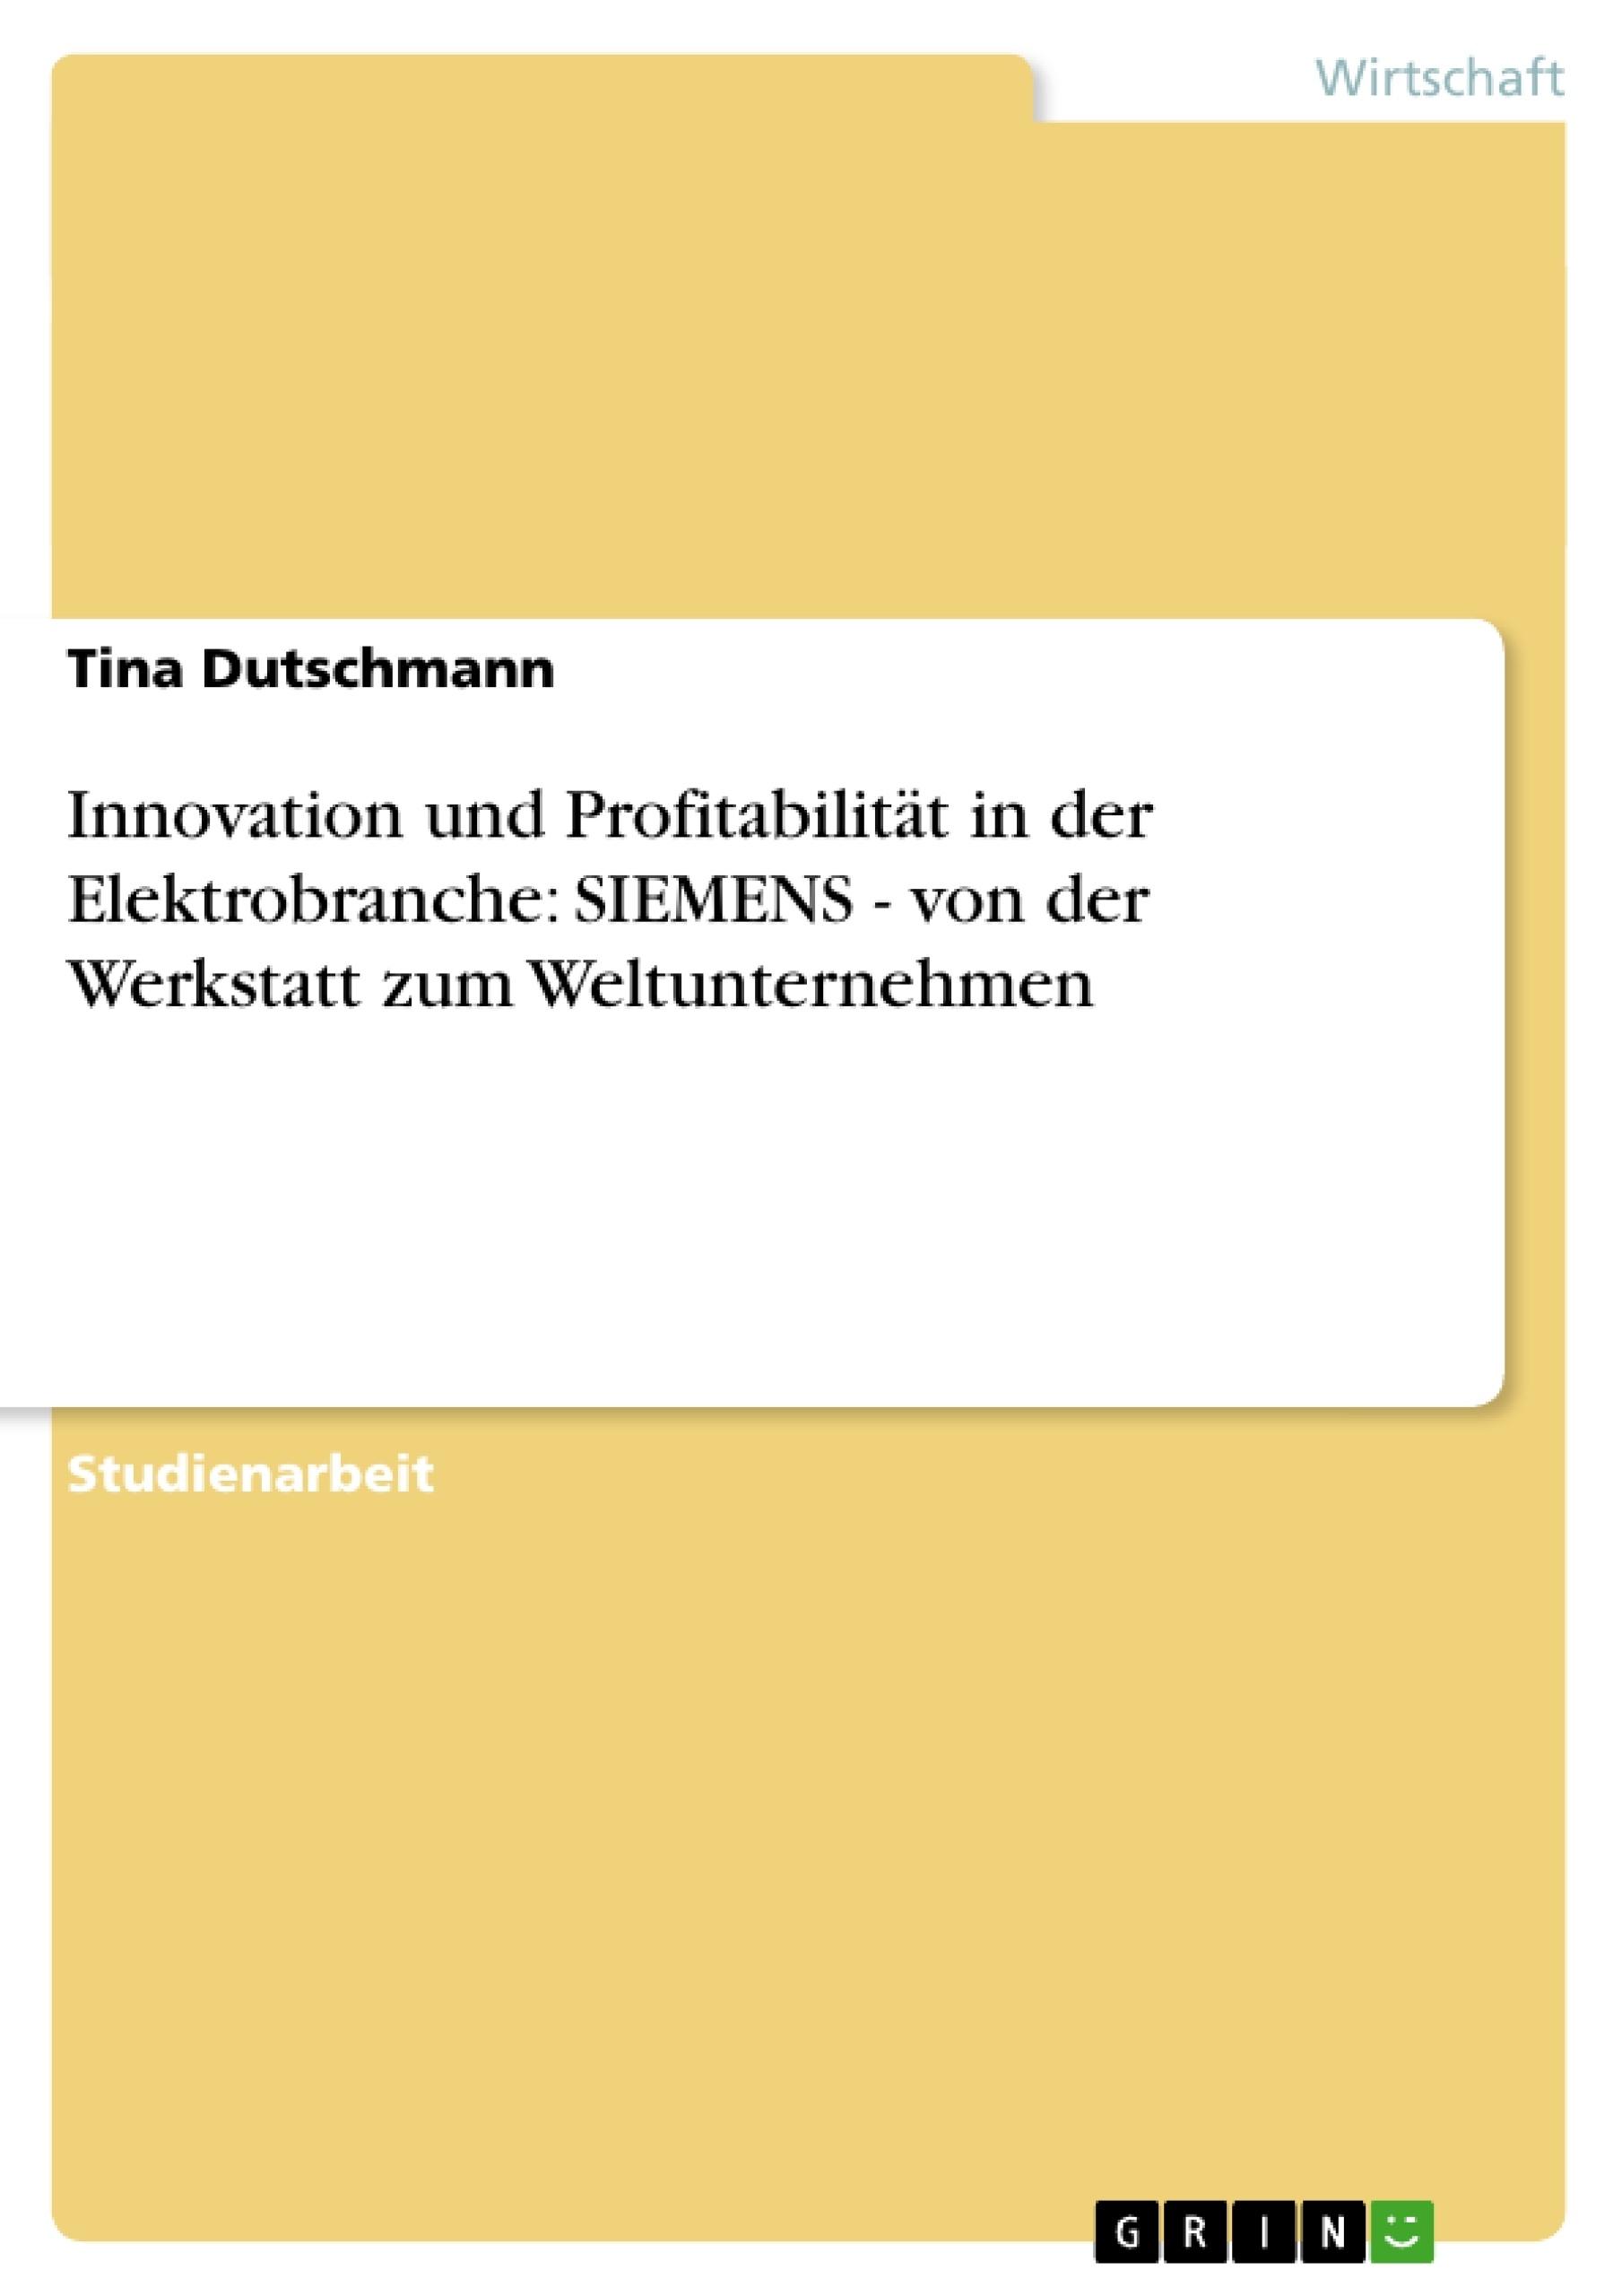 Titel: Innovation und Profitabilität in der Elektrobranche: SIEMENS - von der Werkstatt zum Weltunternehmen